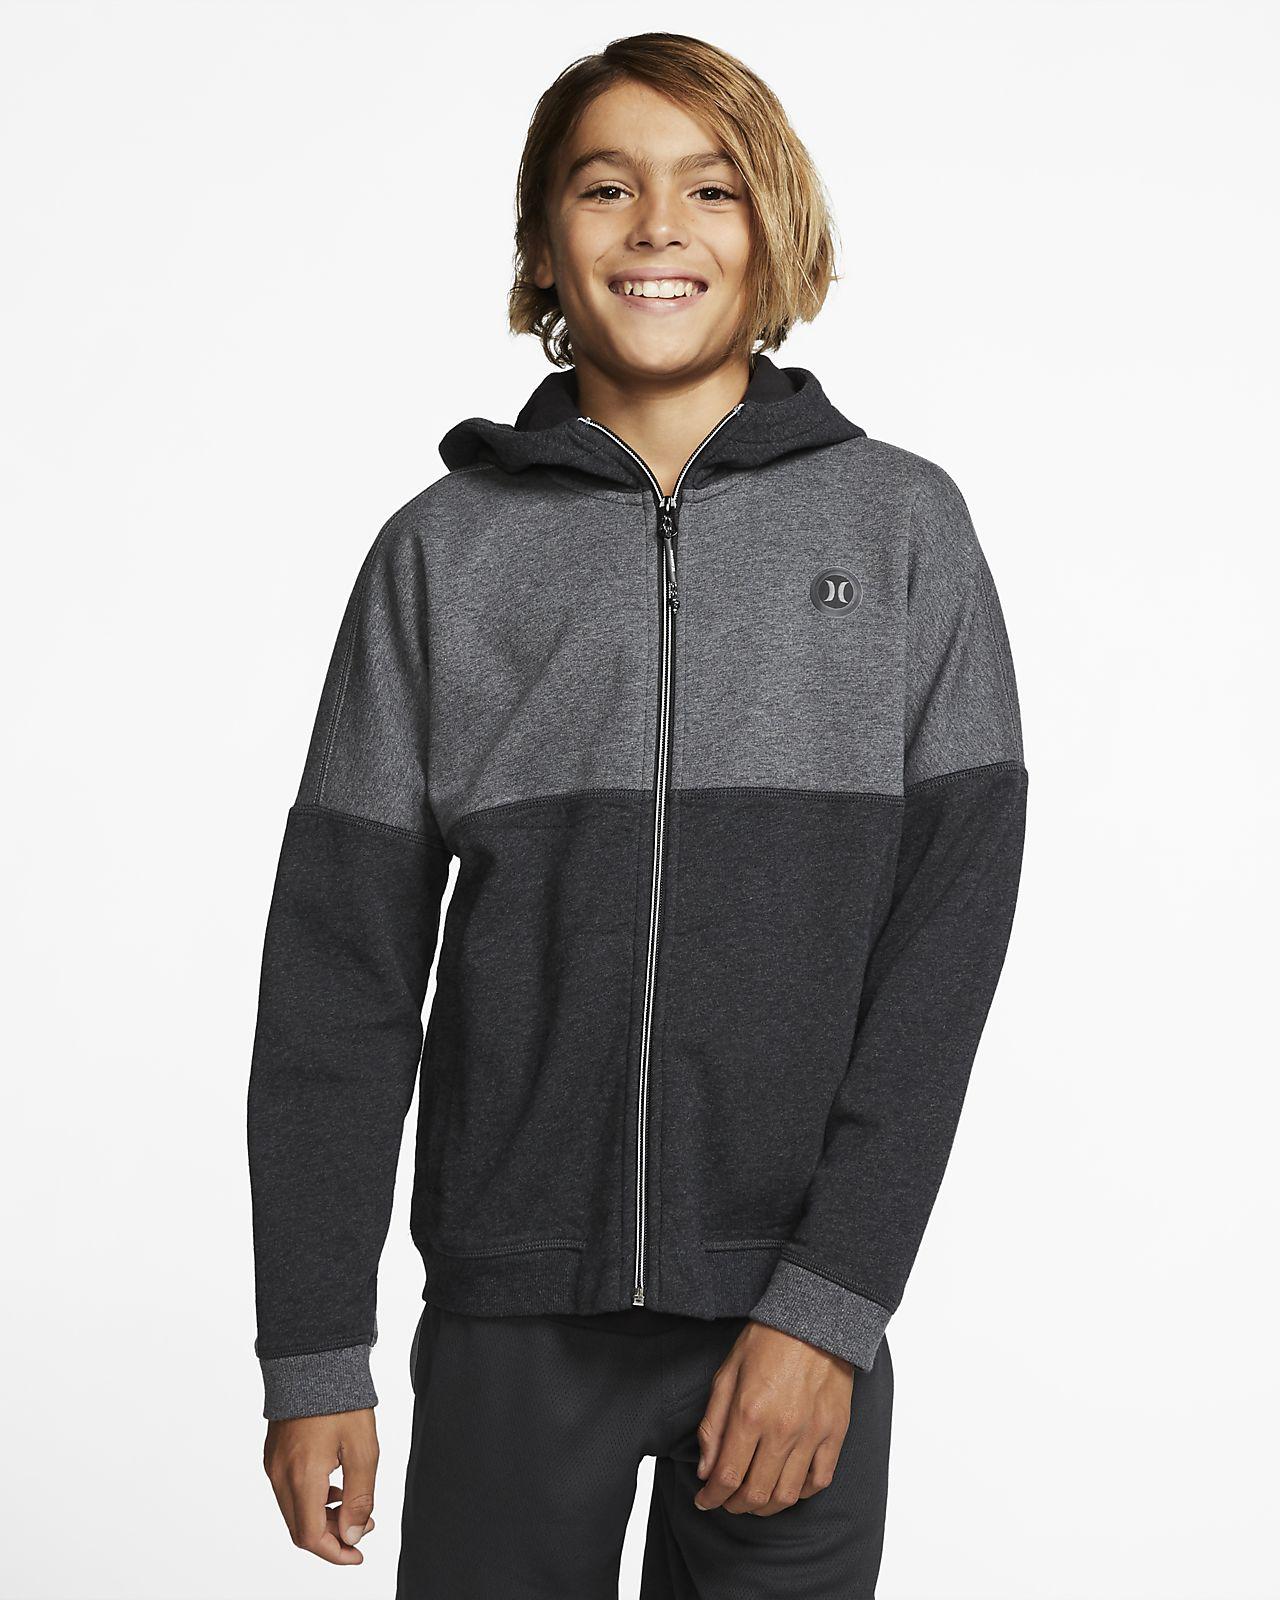 Felpa in fleece con cappuccio e zip a tutta lunghezza Hurley Therma Protect Blocked - Bambino/Ragazzo